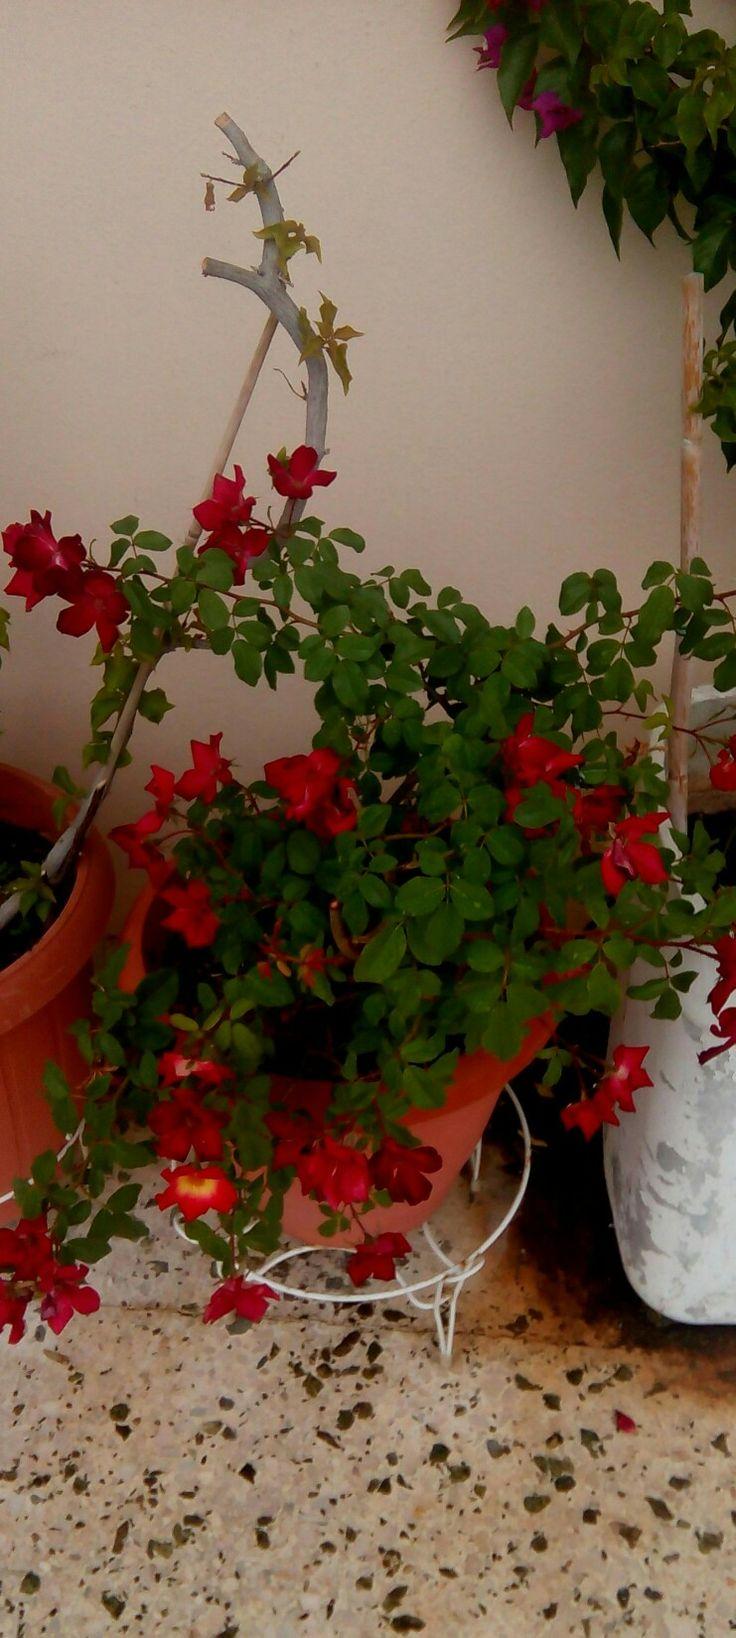 Τριανταφυλλιά αναρριχώμενη κοκτέϊλ(Rosa sp)Υψος :175/ Γλάστρα:10lt Φυλλοβόλο αναρριχώμενο φυτό με μέγιστο ύψος τα 7μ. Ανθοφορεί εντυπωσιακά την άνοιξη. Ευπαθές σε κάποιες ασθένειες.